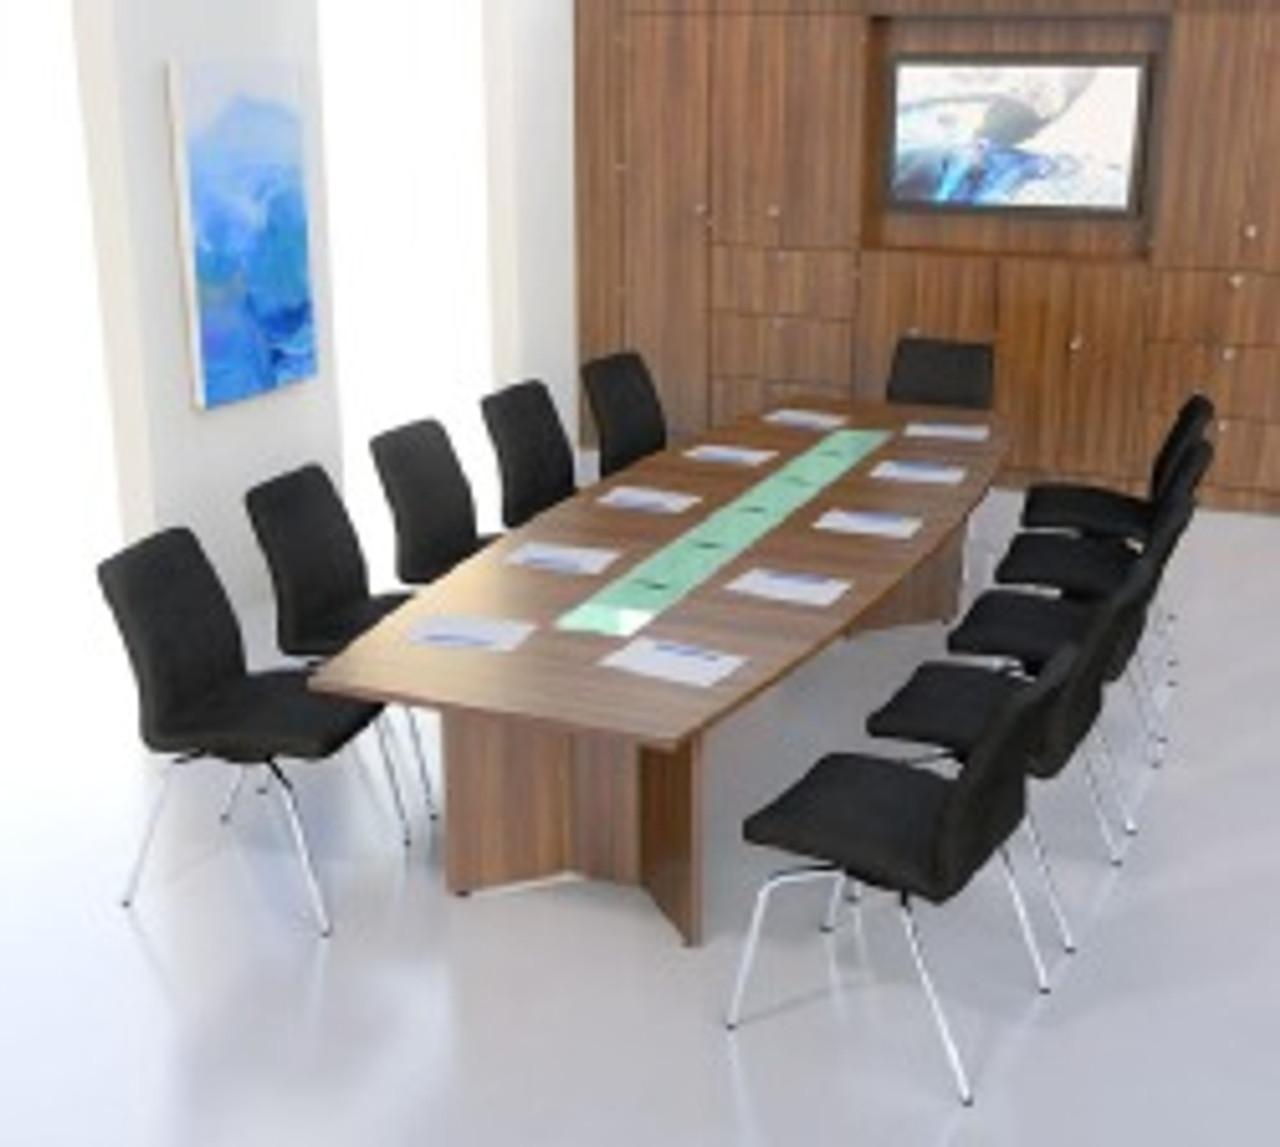 Ambus Barrel Meeting Table